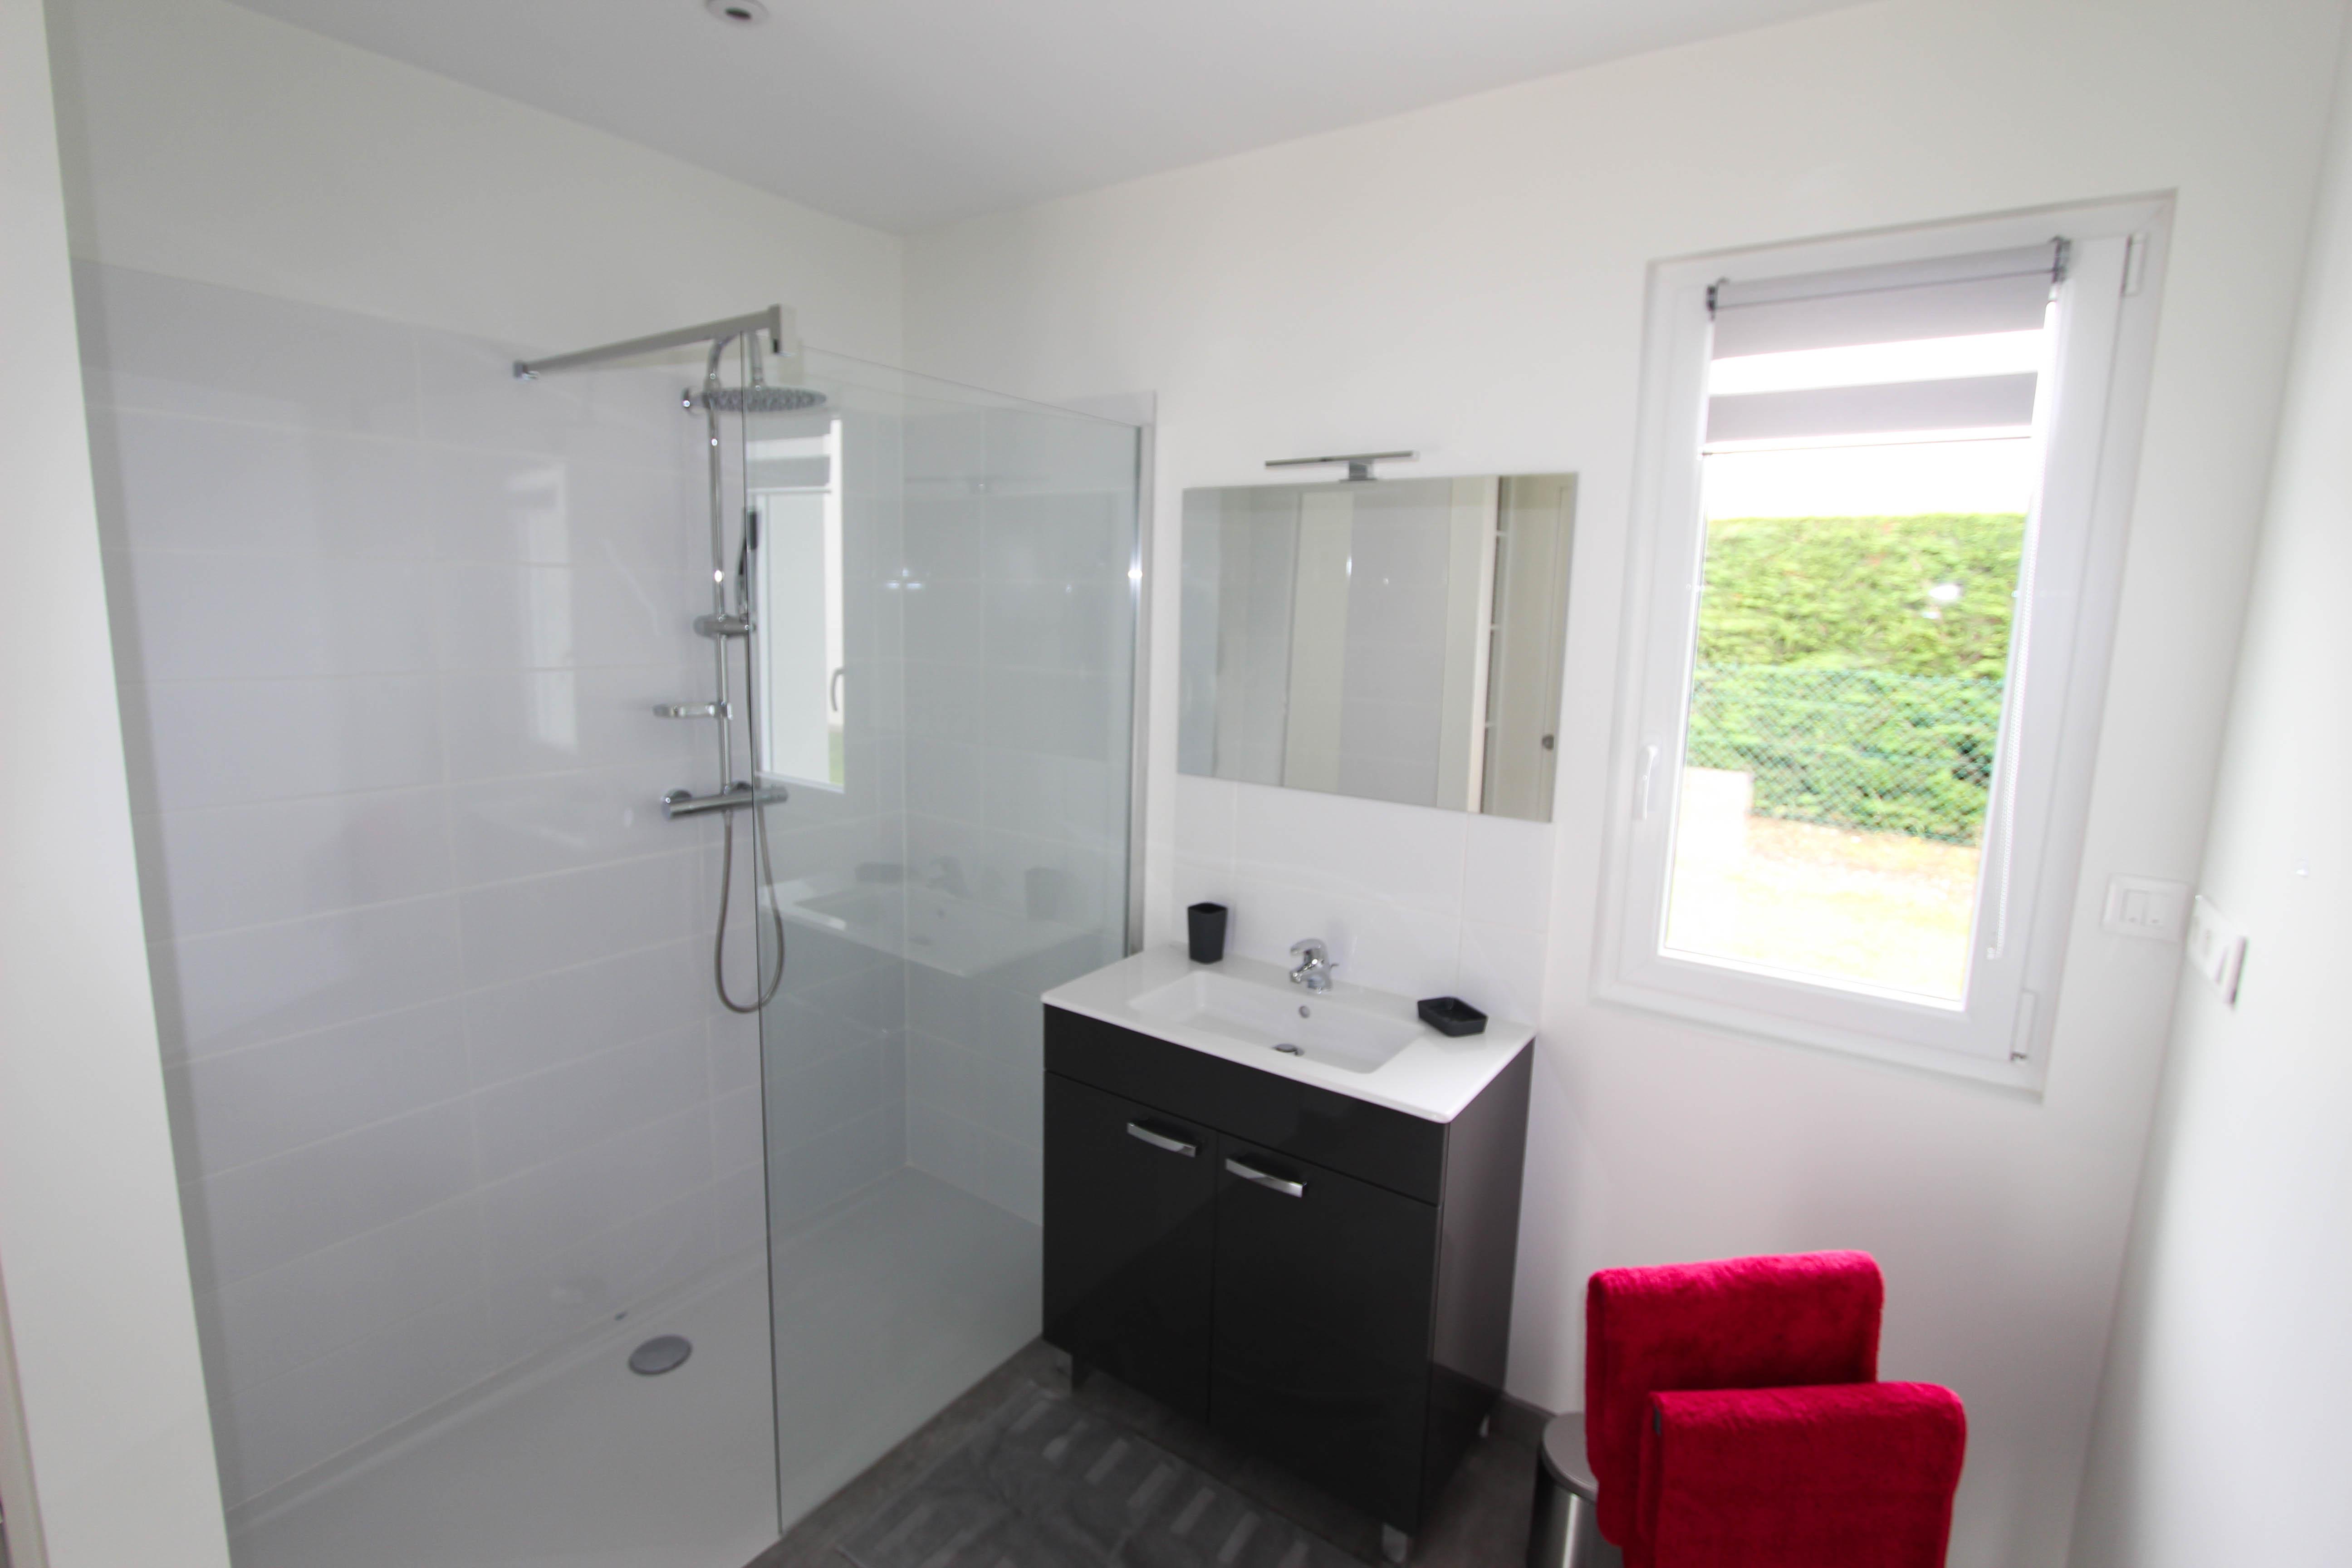 Salle de bain suite parentale de la villa rubis location gîte varengeville-sur-mer pourville-sur-mer